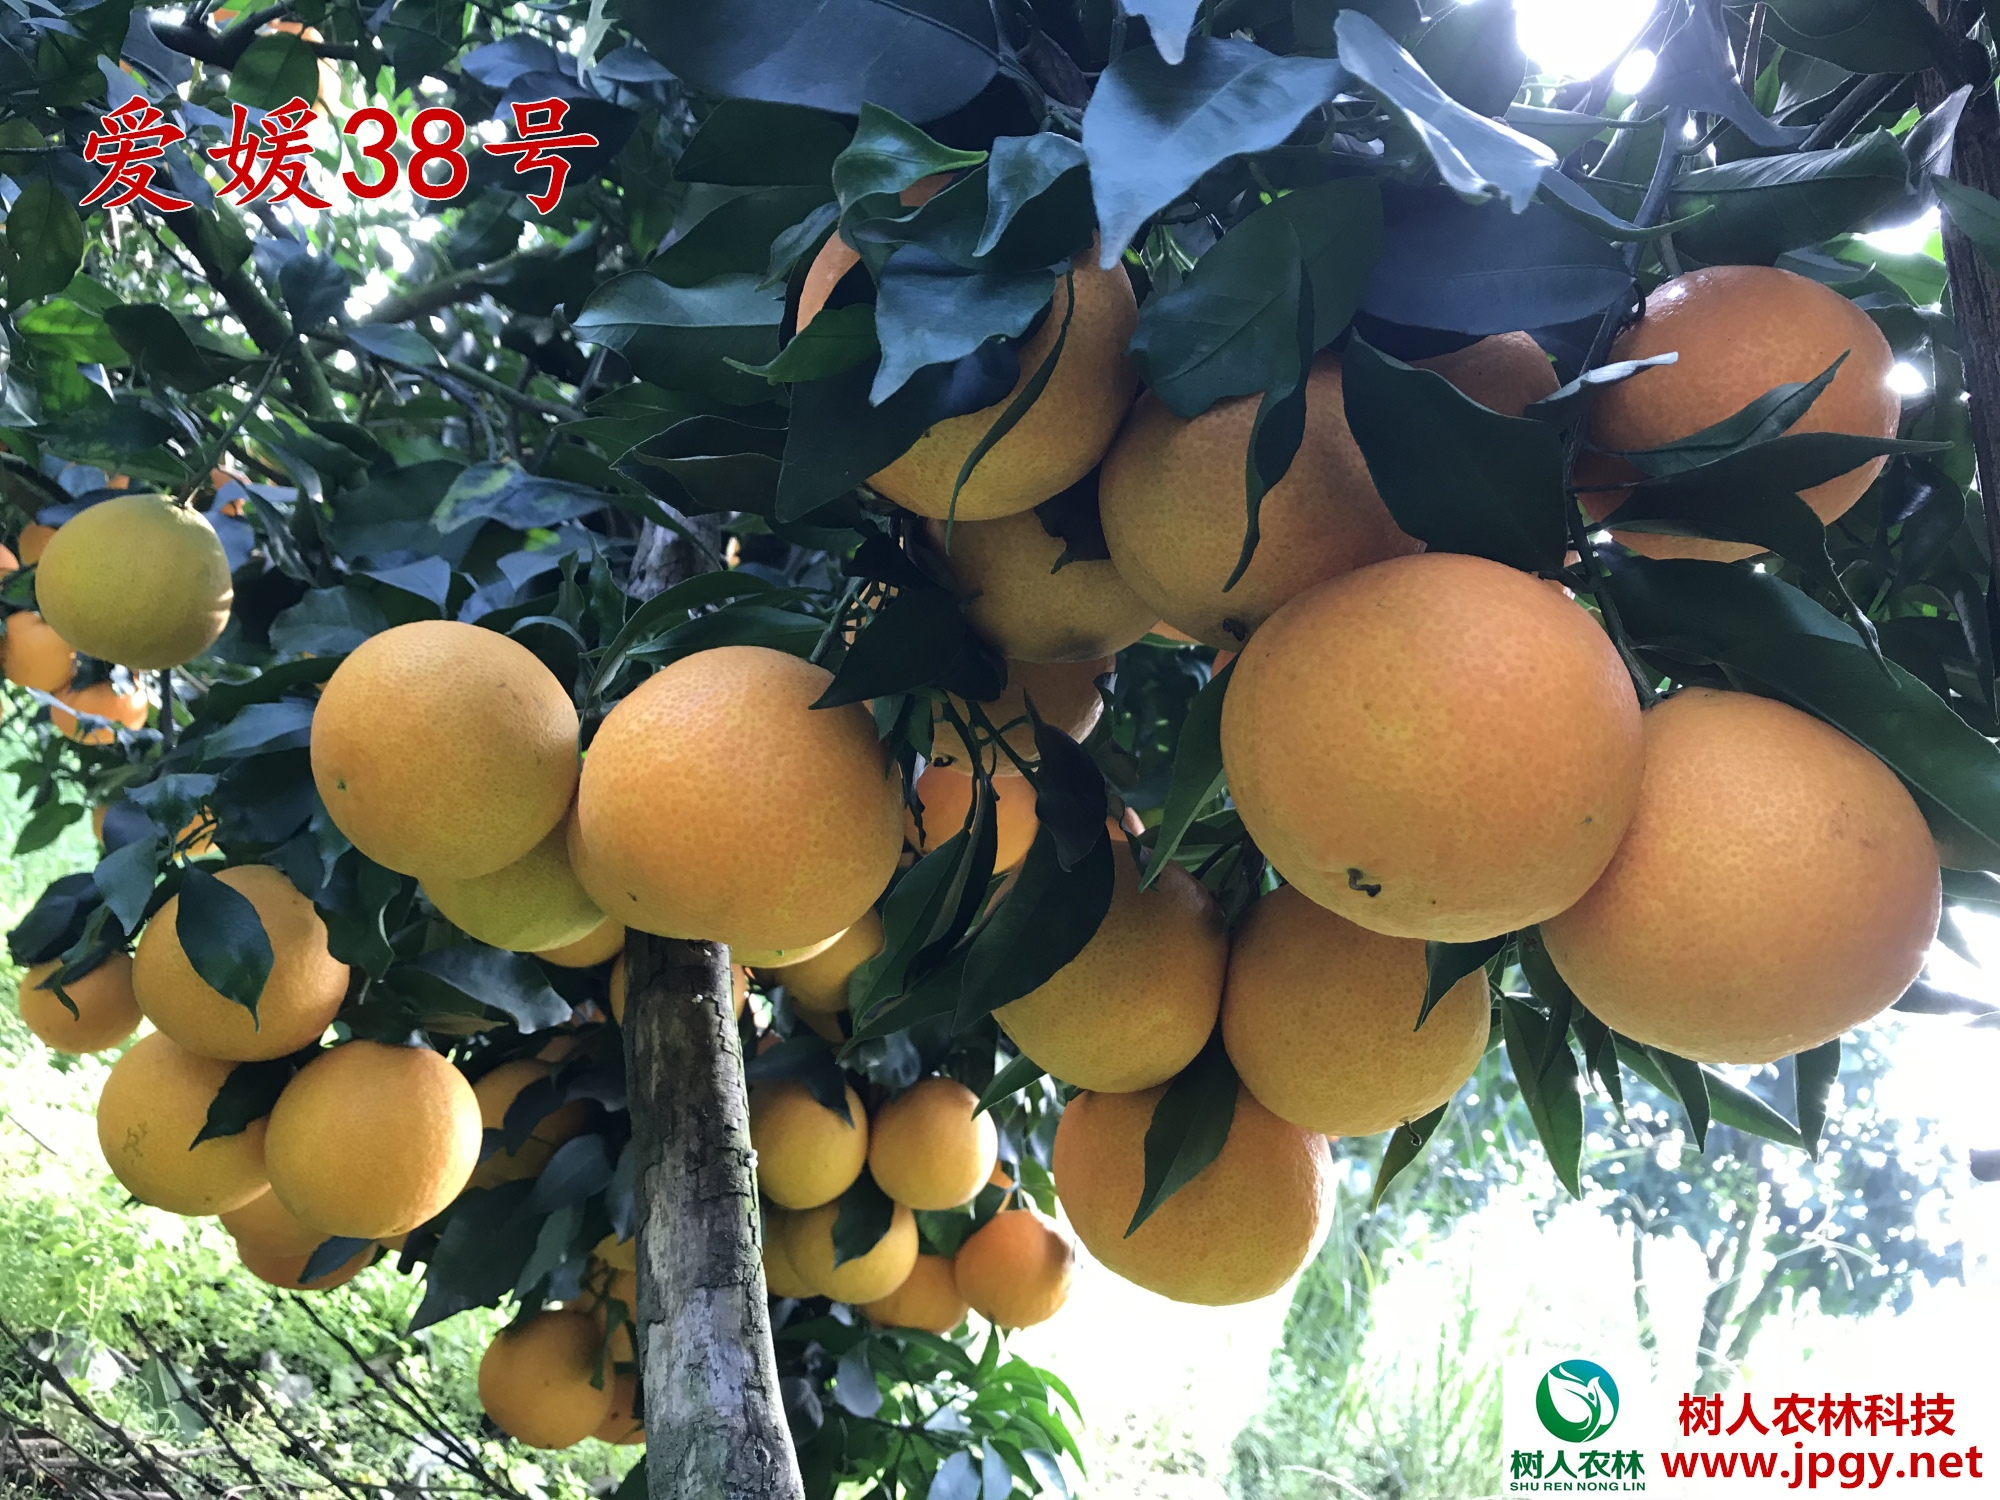 批发 报价 爱媛38号苗 爱媛38号苗 晚熟杂柑柑橘品种 红美人柑橘苗